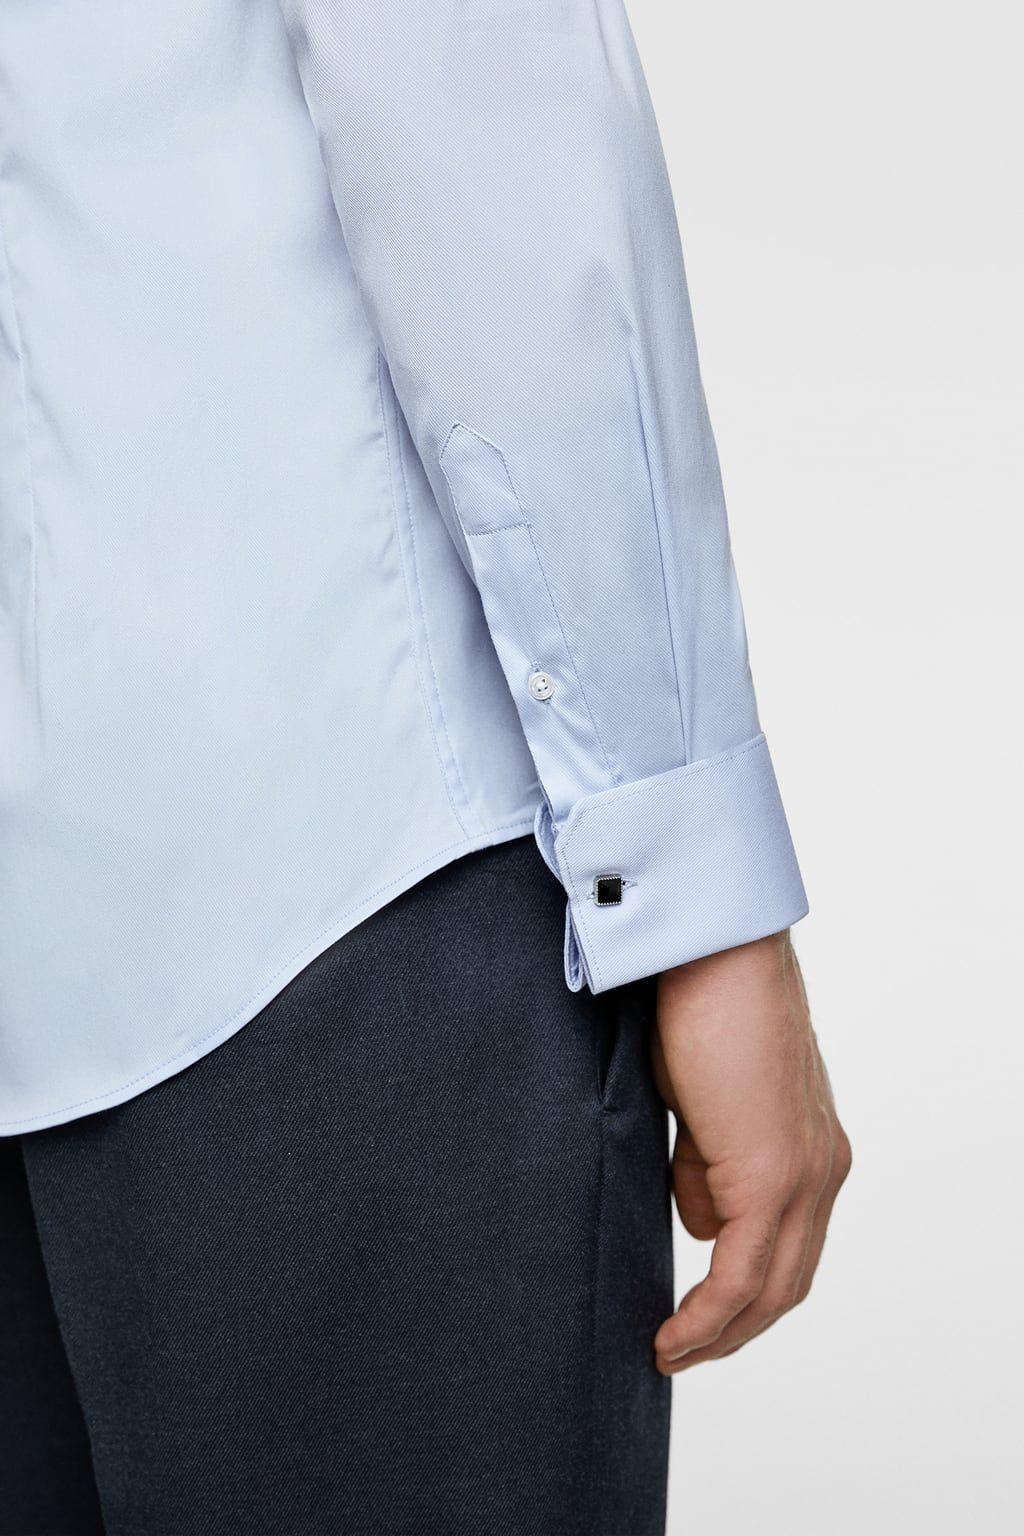 Heren Overhemd Met Manchetknopen.Overhemd Met Structuur En Manchetknopen Effen Overhemden Heren